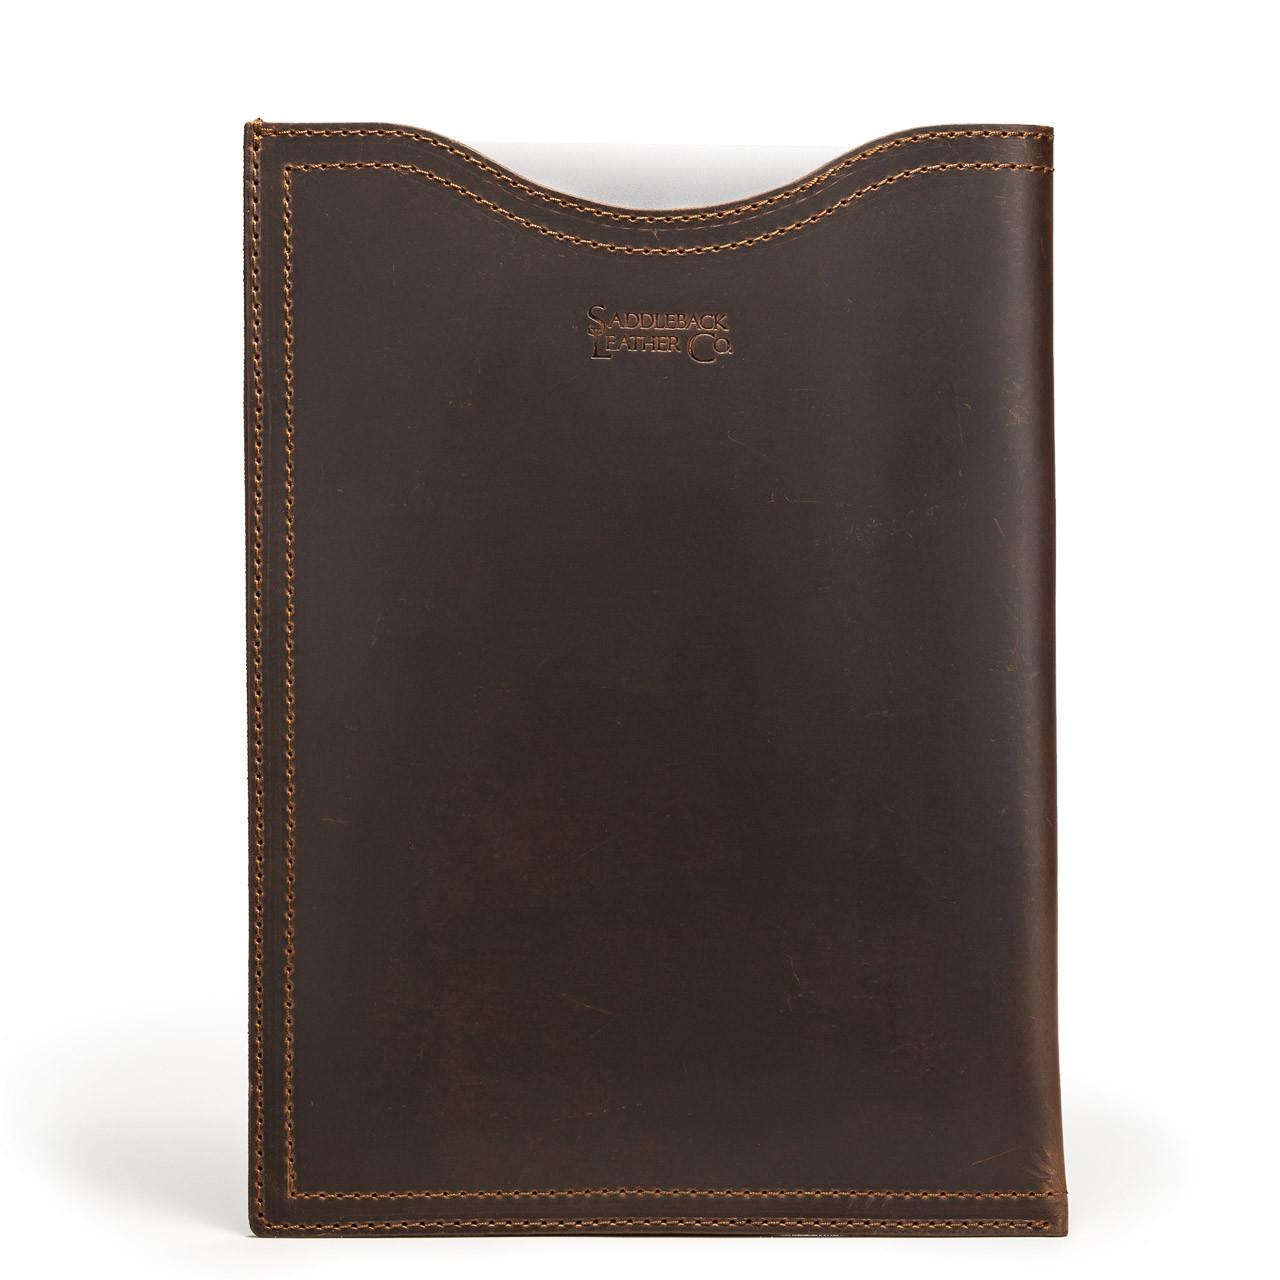 Leather laptop case NEW Laptop case leather Laptop case MacBook pro 13 Laptop sleeve 15 MacBook case 13 inch MacBook air case 13 inch